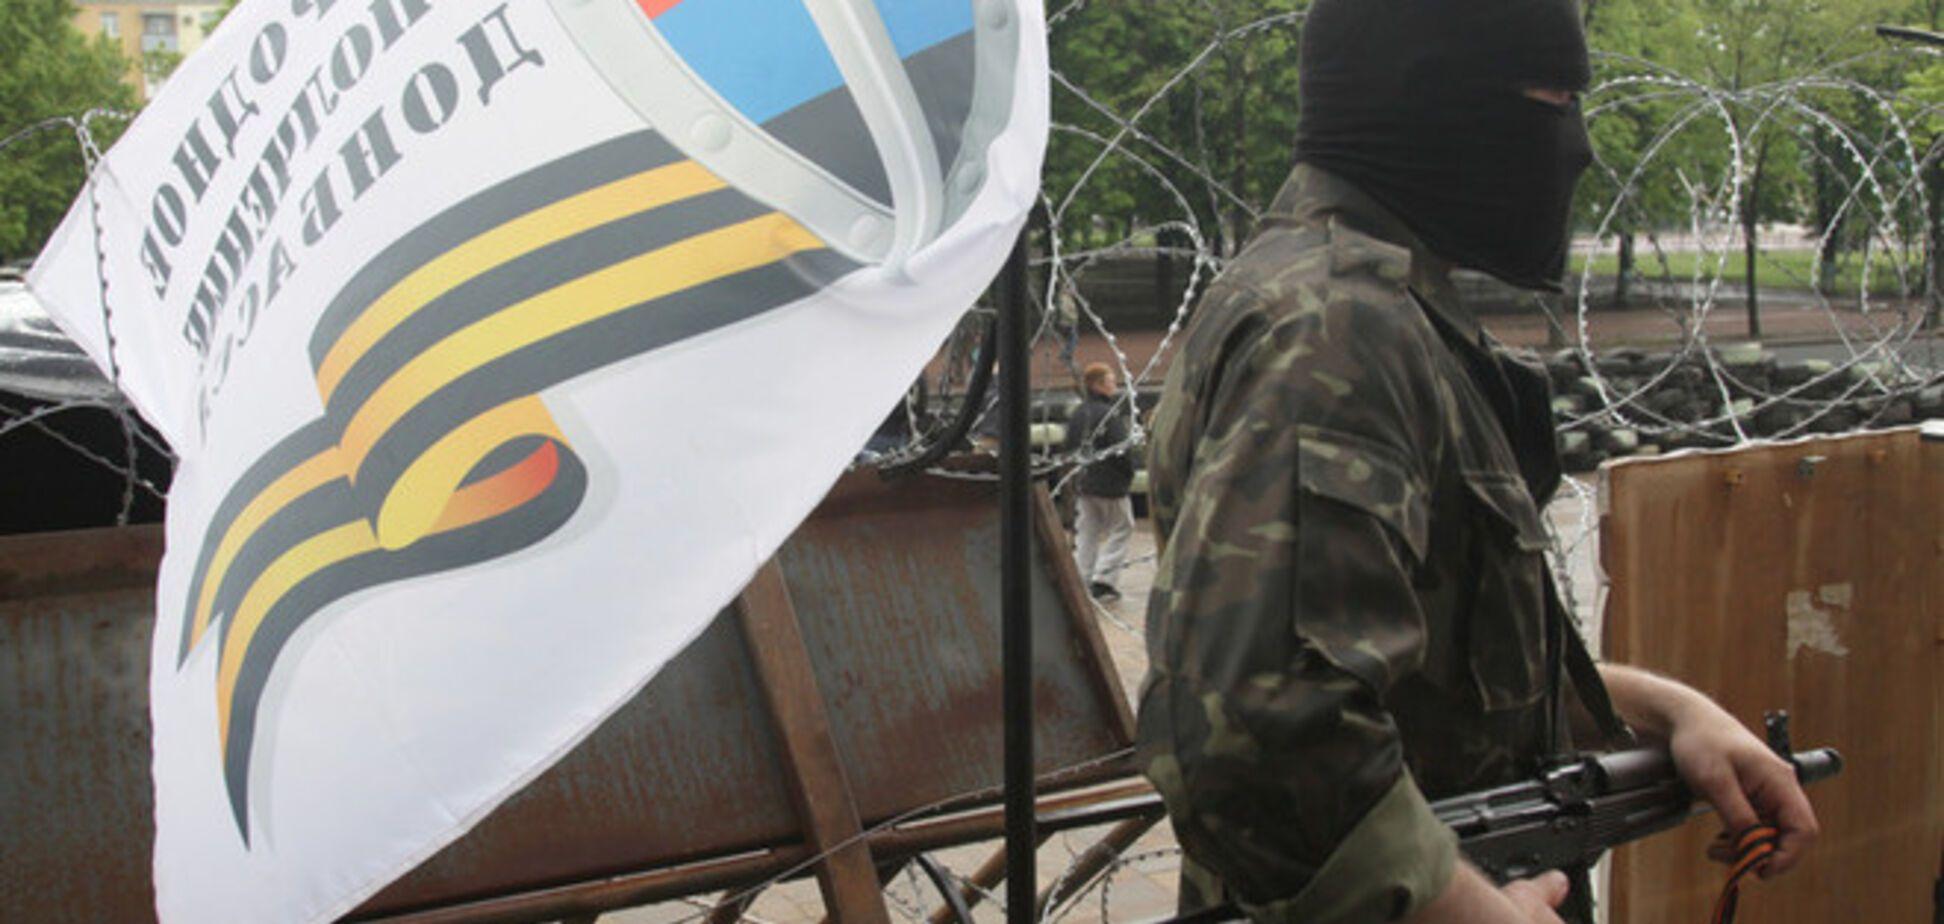 В Луганске за сутки выкрали четверых людей, вернувшиеся из плена не дают показаний